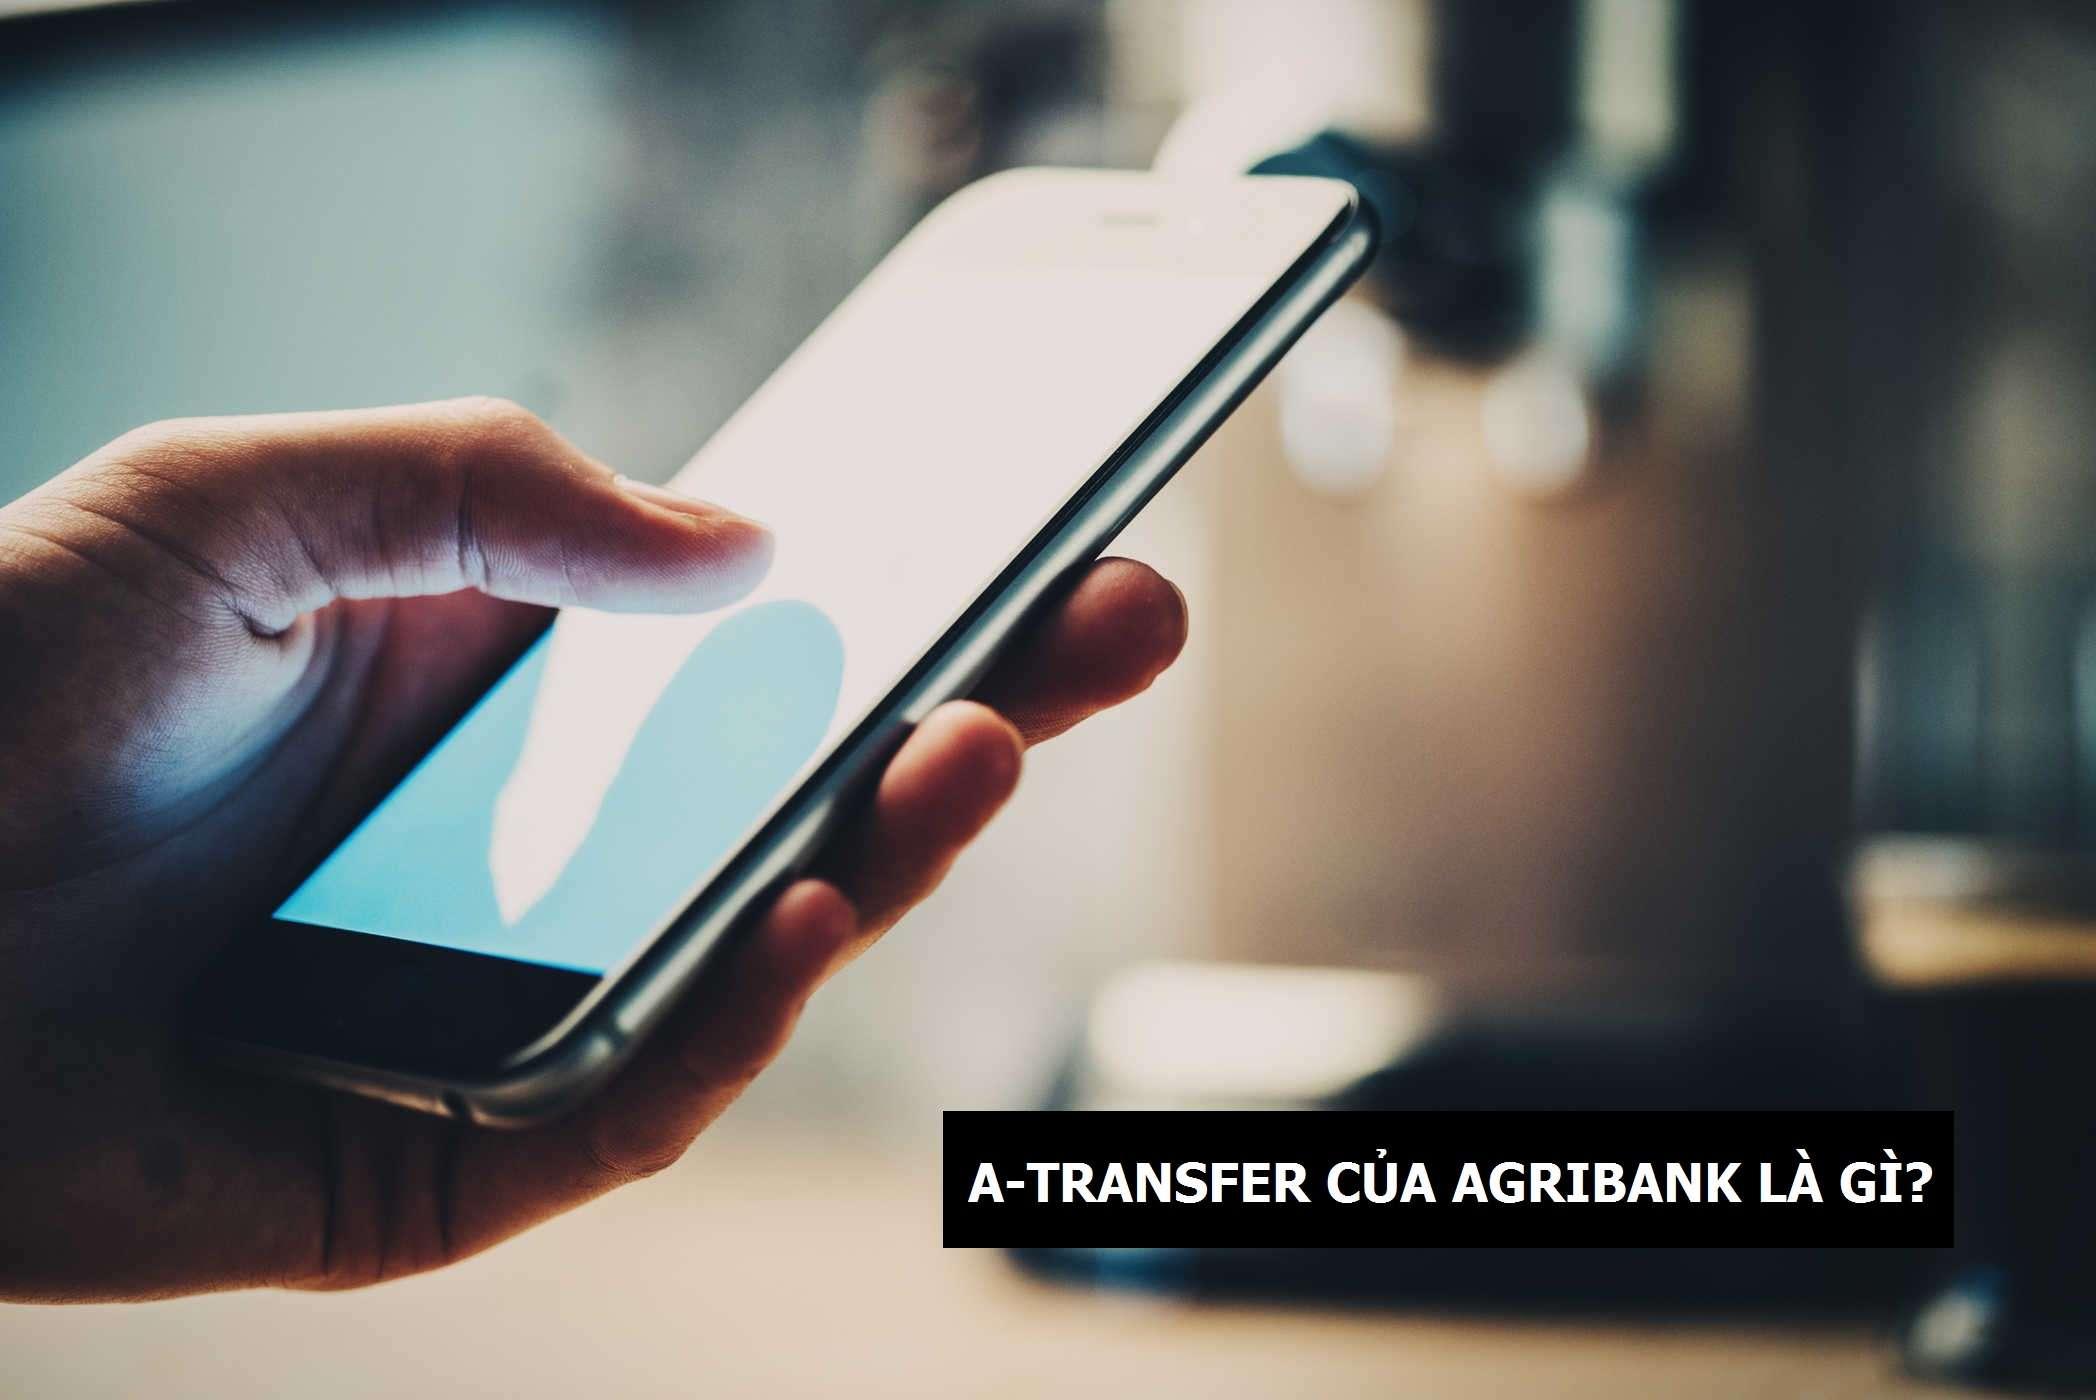 Dịch vụ A Transfer của Agribank là gì?